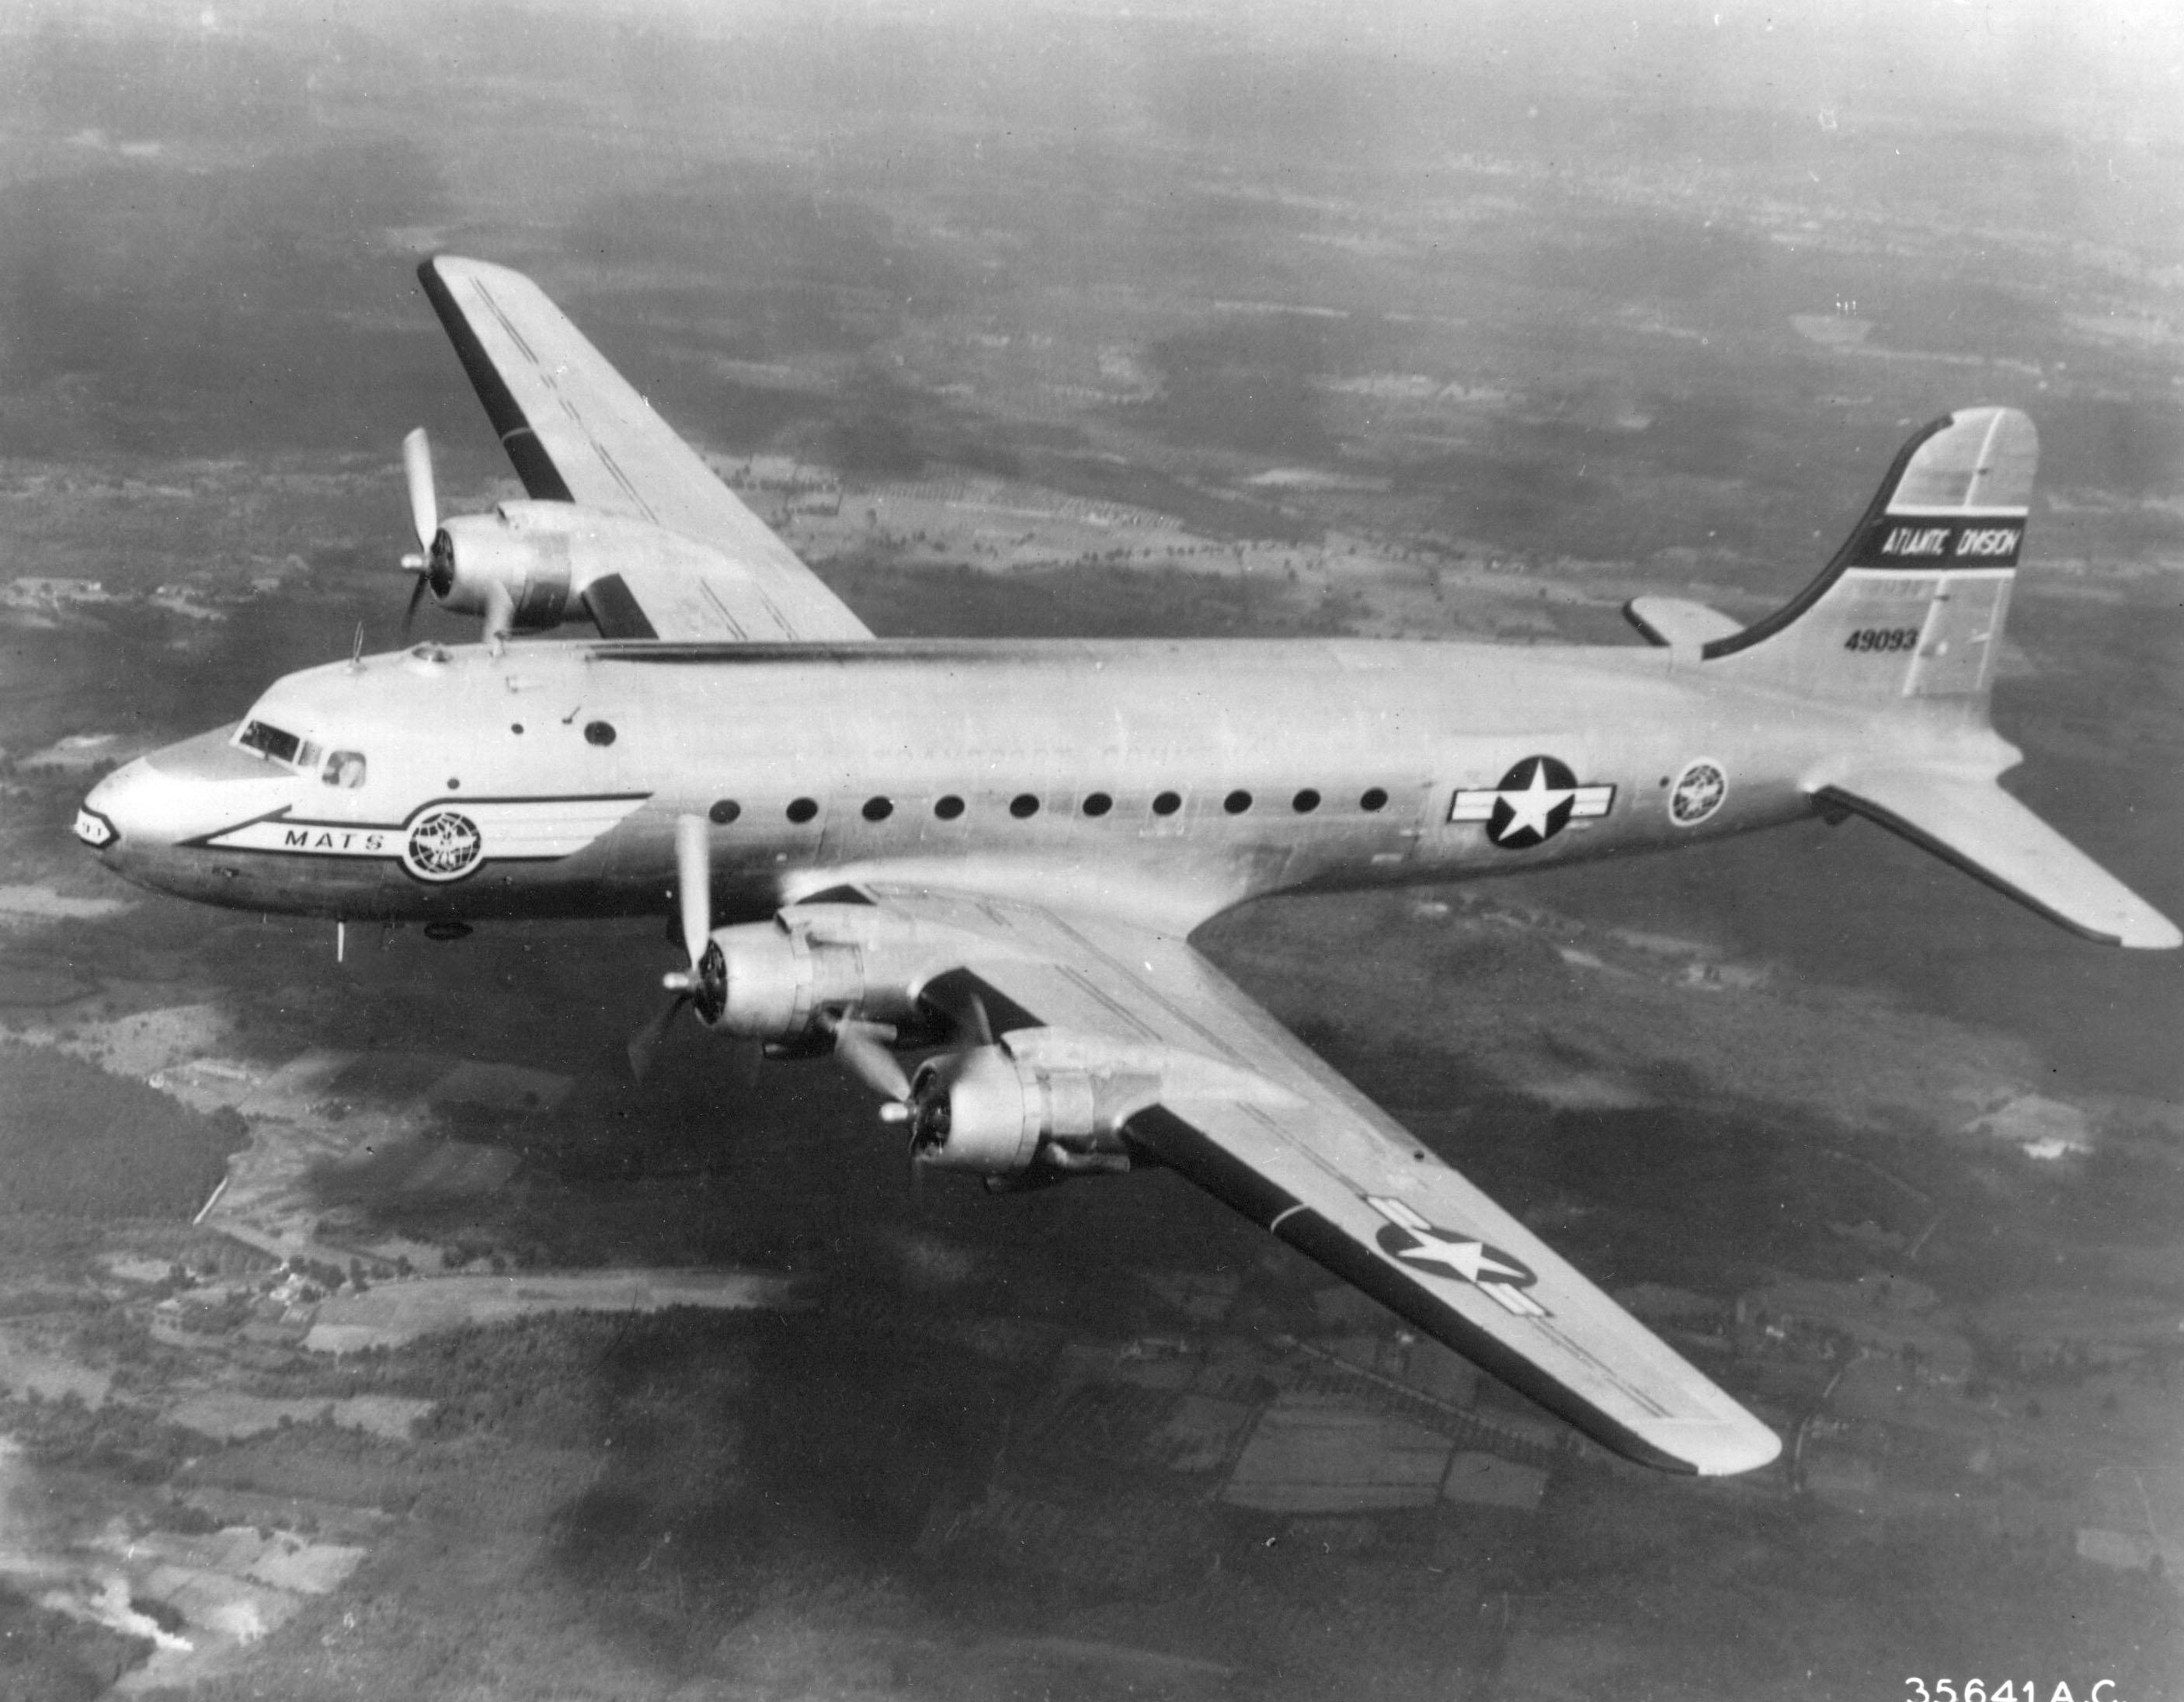 An USAF C 54 Skymaster